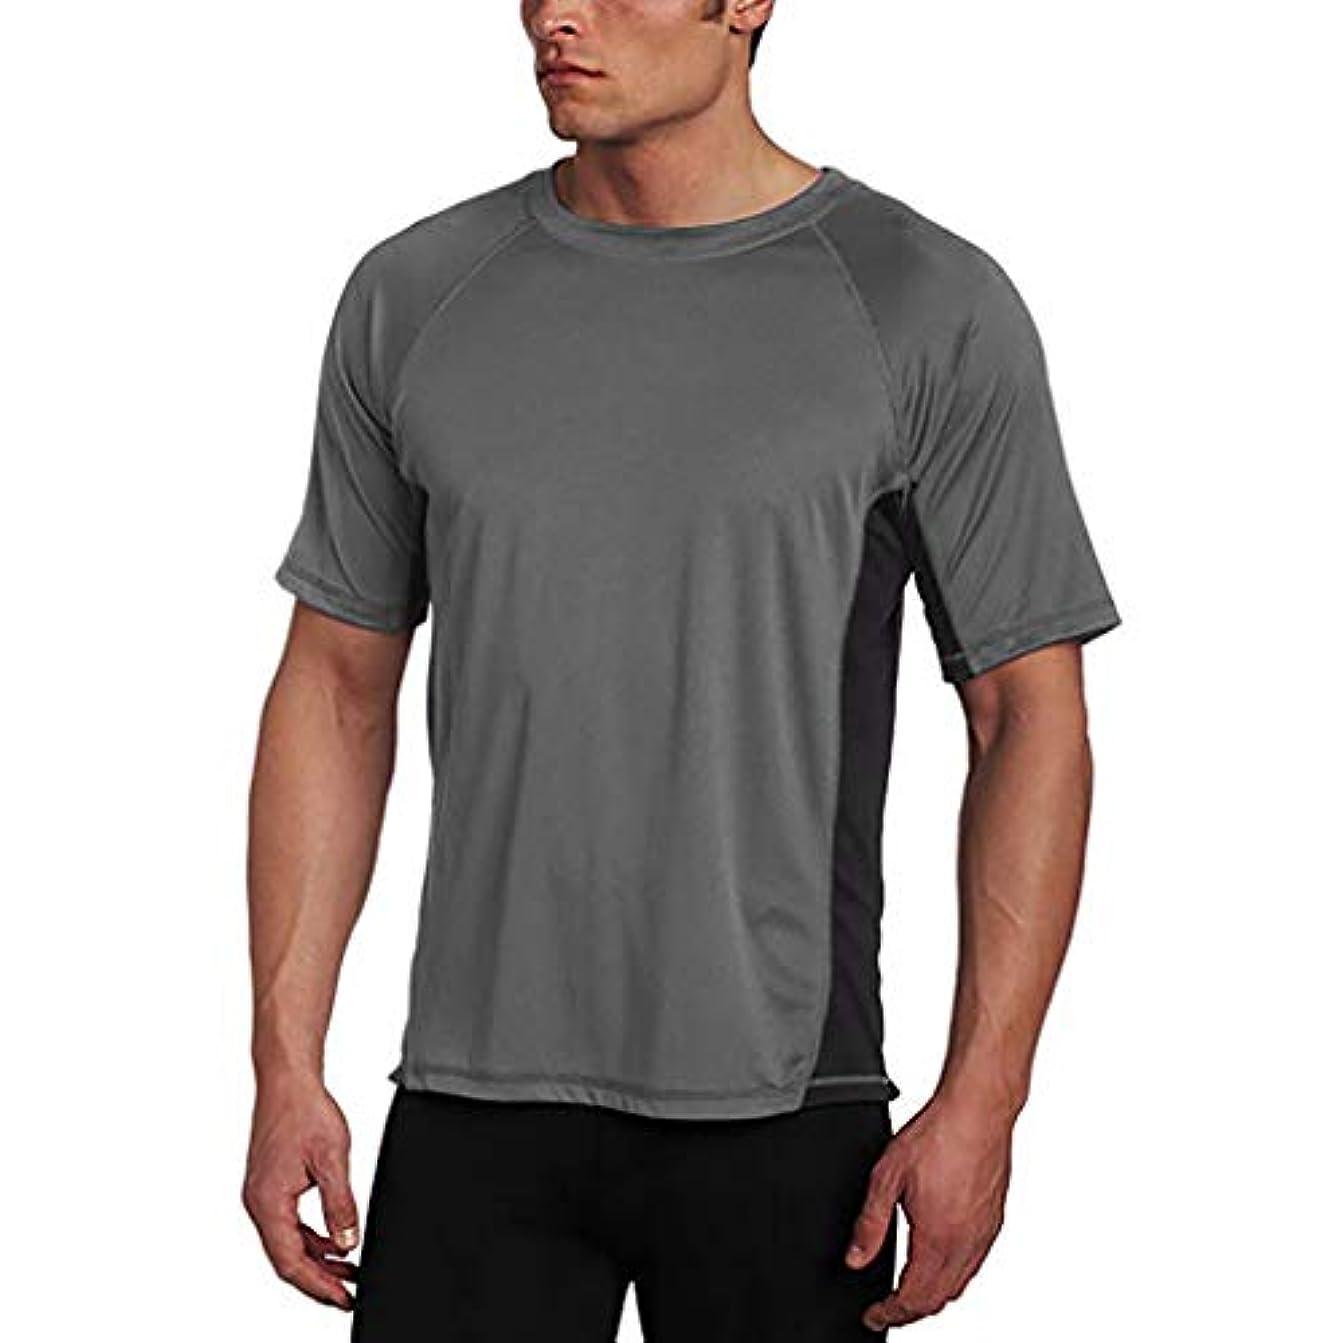 抜粋ハード構造メンズ シャツ Rexzo 純色 スプライス スポーツシャツ シンプル 機能性 Tシャツ 通気性いい 柔らかい スウェットシャツ 上質 着心地良い トレーニングウェア フィットネス 活動性が良い シャツ 大きいサイズ 日常...